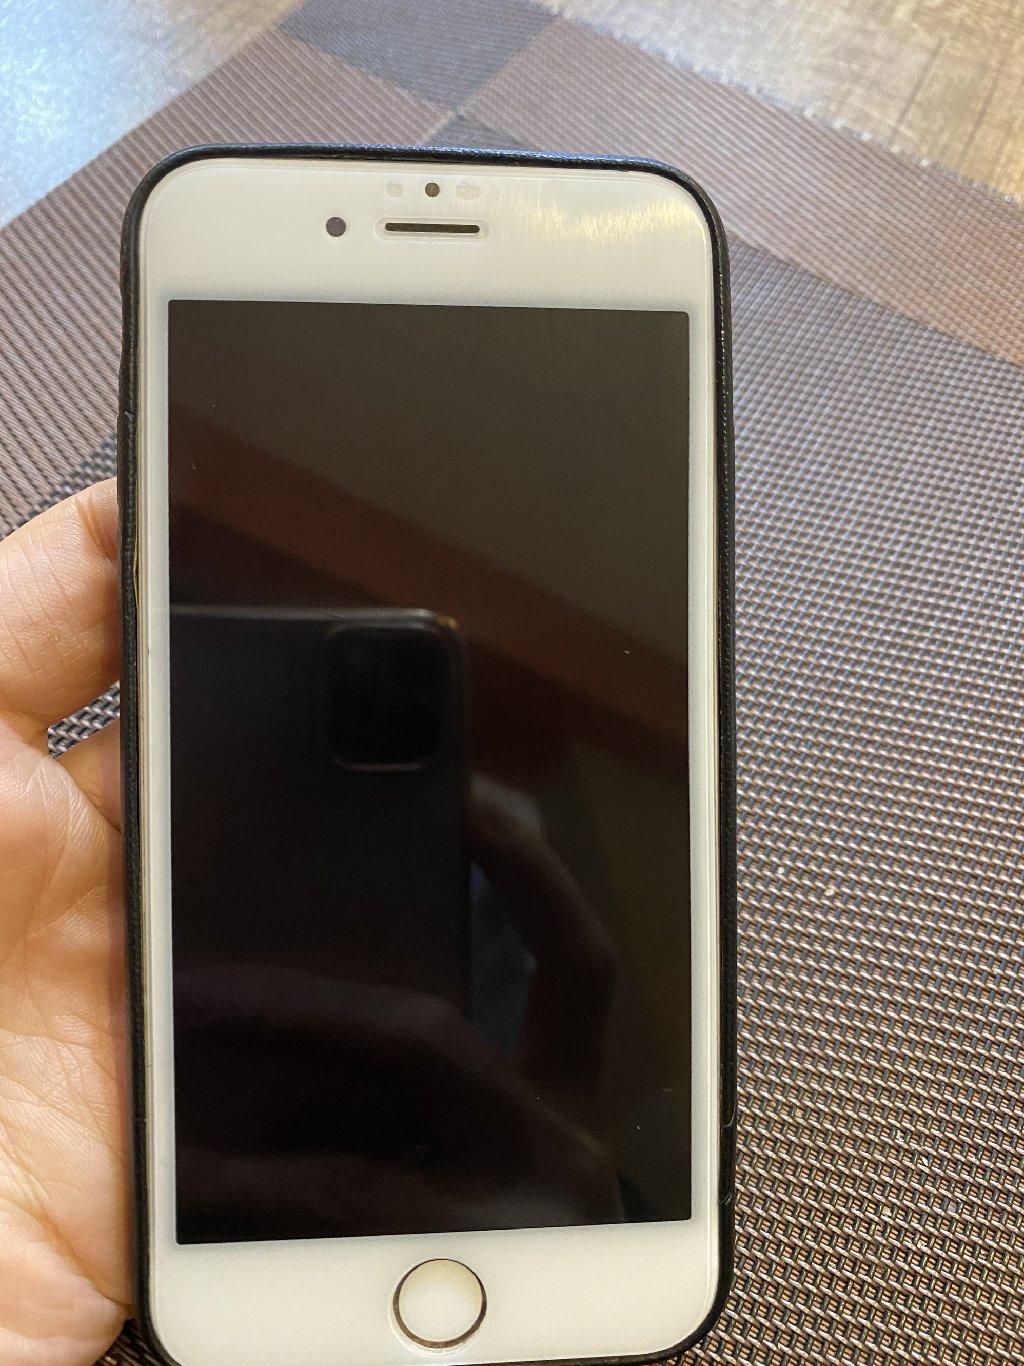 Iphone 6. 16gb yaddasi. Ela veziyyetdedir. Hec vaxt ustada olmayib